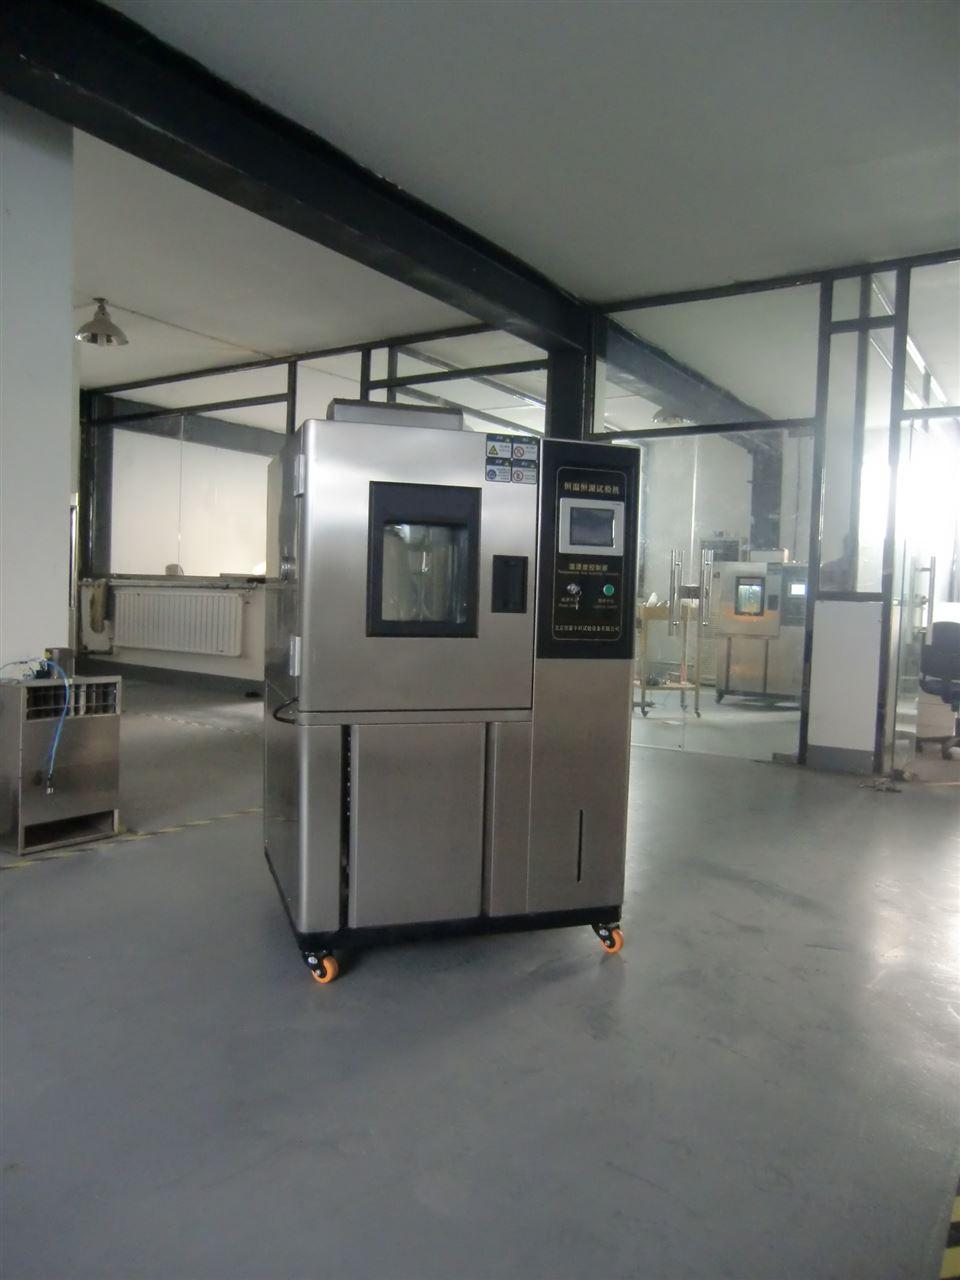 恒温恒湿试验箱试验中常见问题解决方法